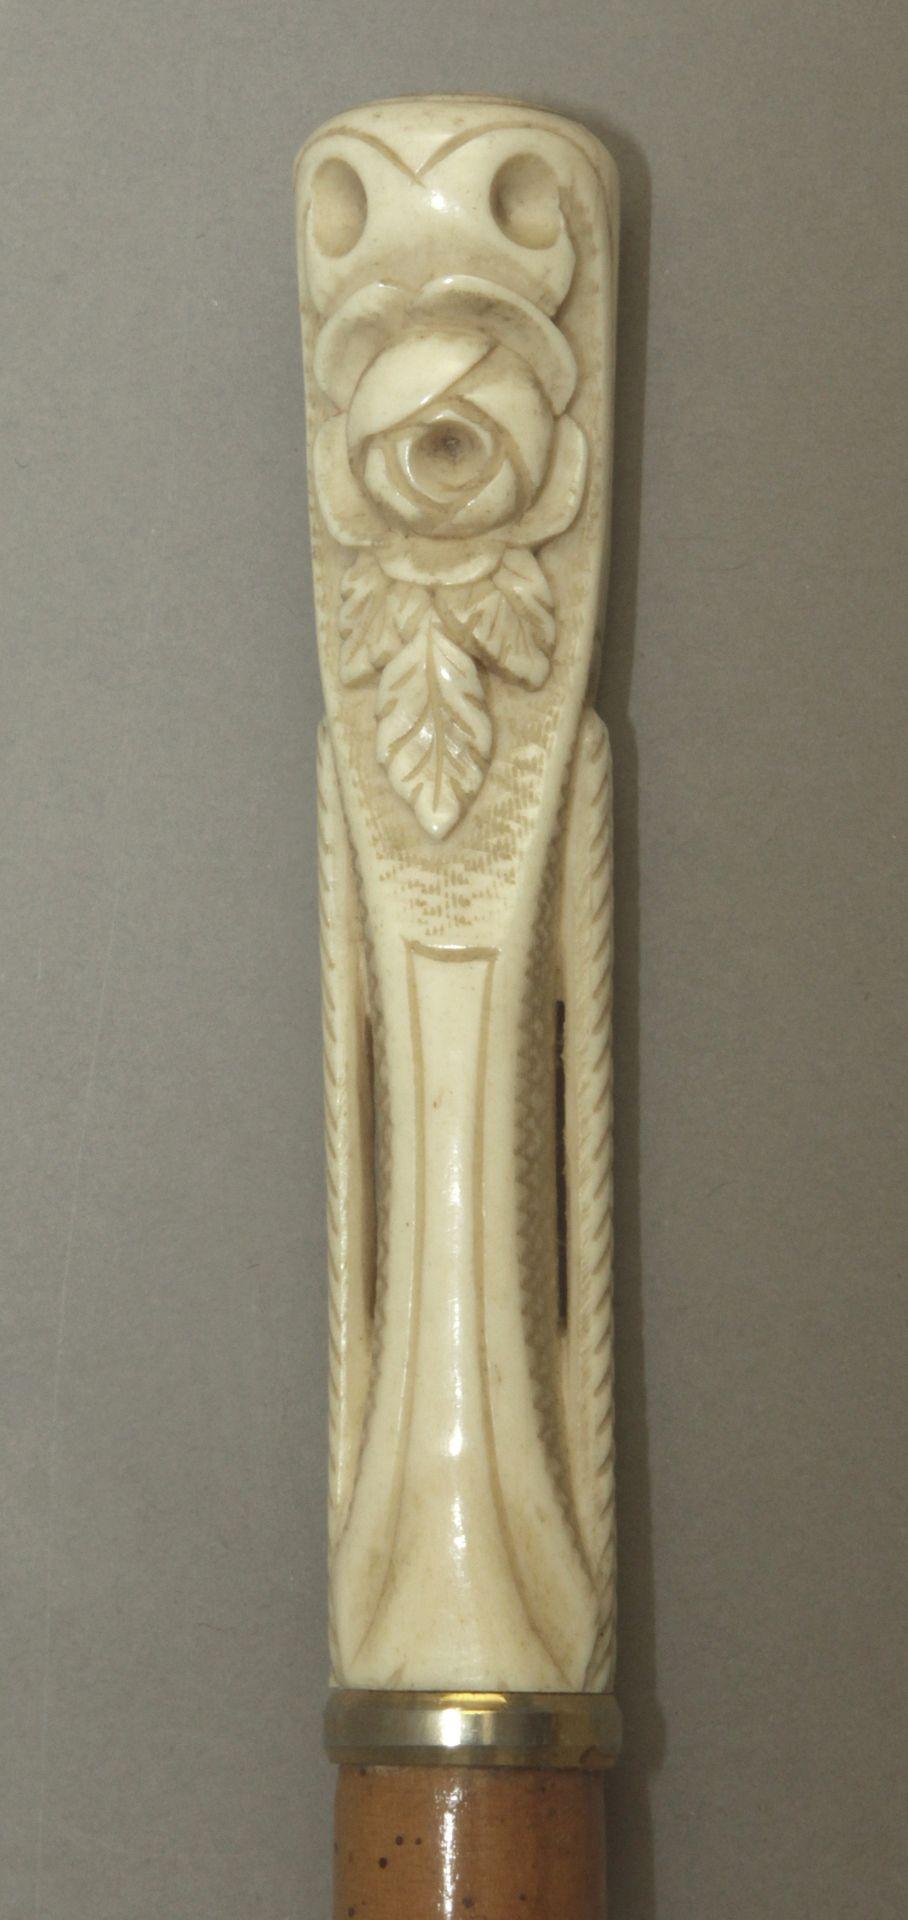 A walking stick circa 1900